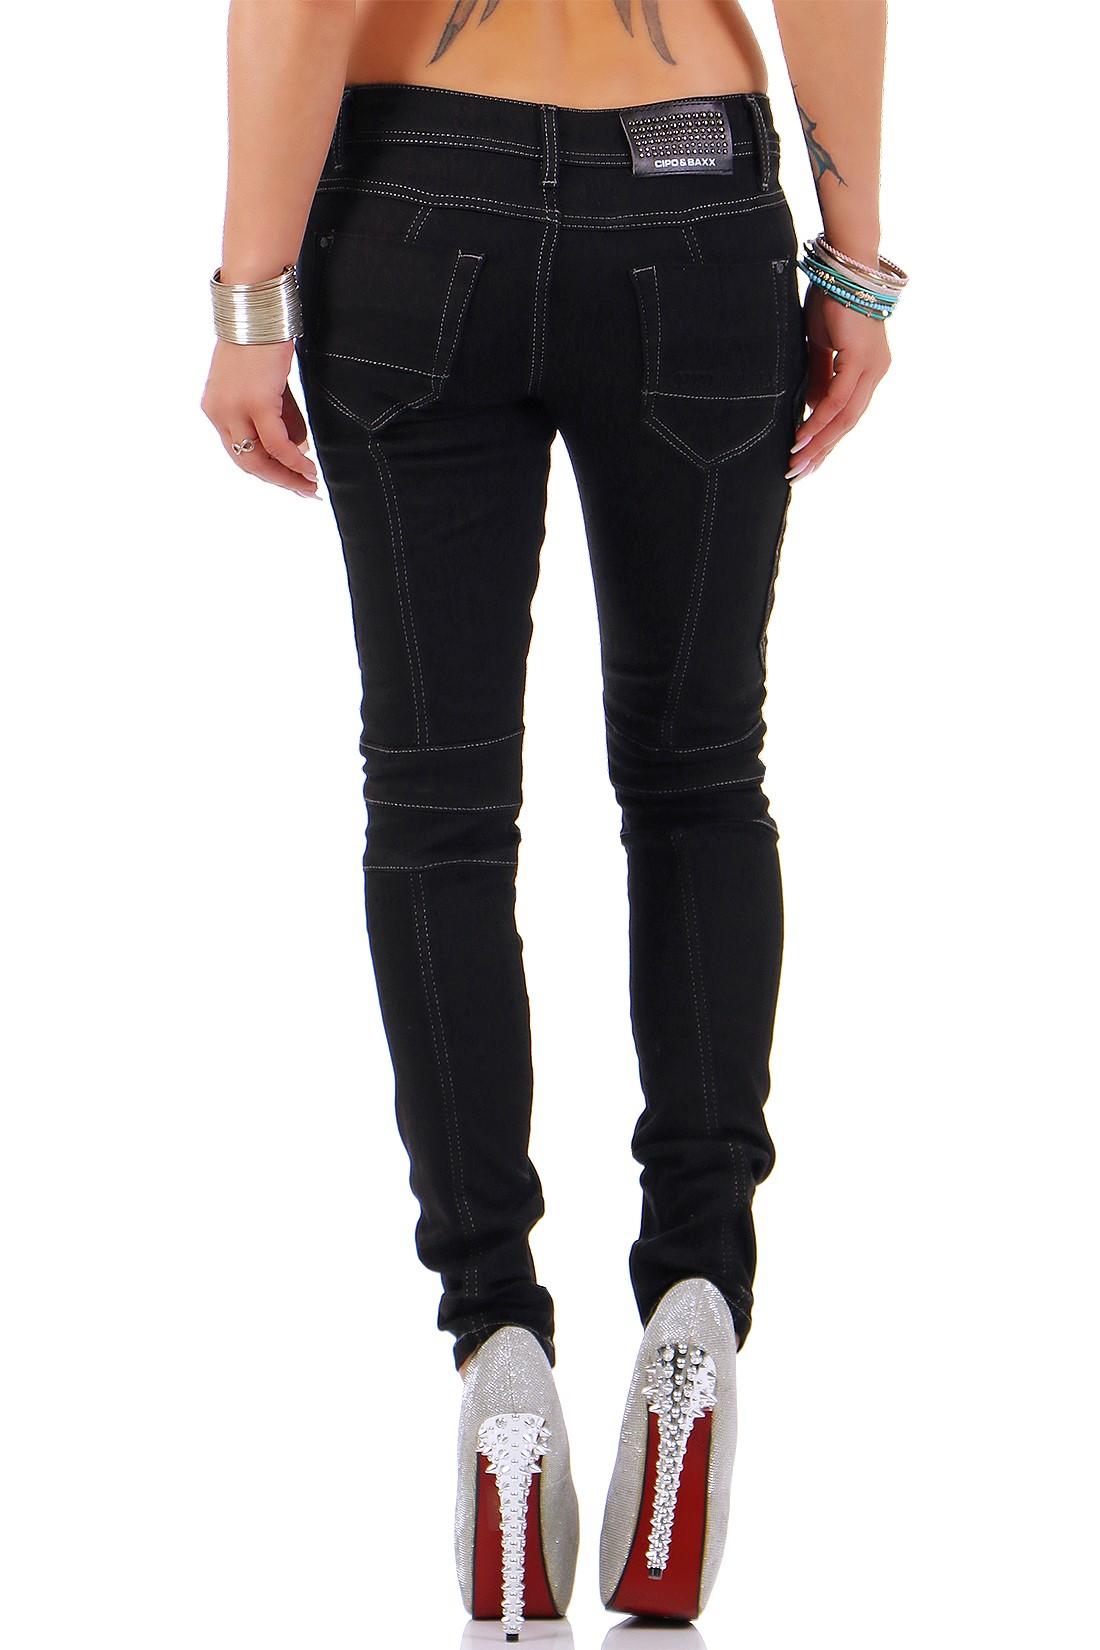 Verschiedene-Cipo-amp-Baxx-Damen-Jeans-Hosen-Slim-Fit-Regular-Fit-Streetwear Indexbild 58